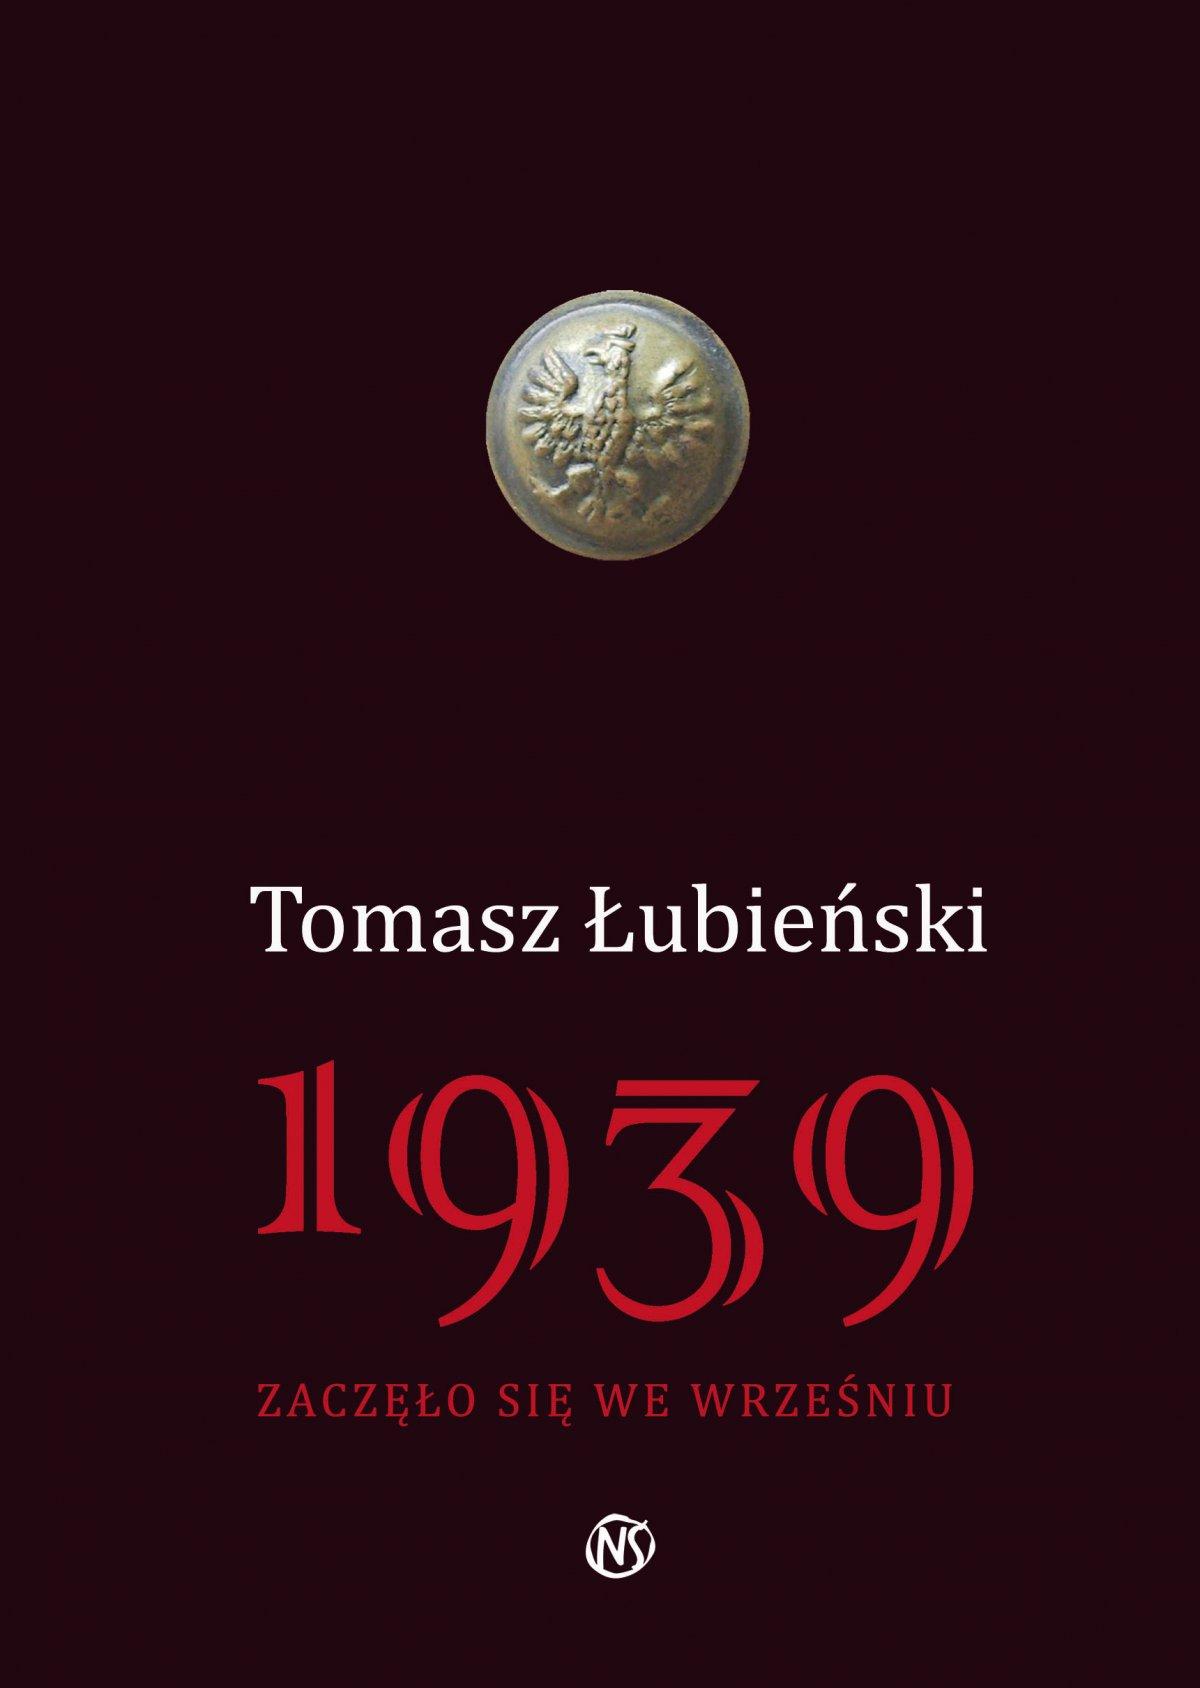 1939 Zaczęło się we wrześniu - Ebook (Książka PDF) do pobrania w formacie PDF